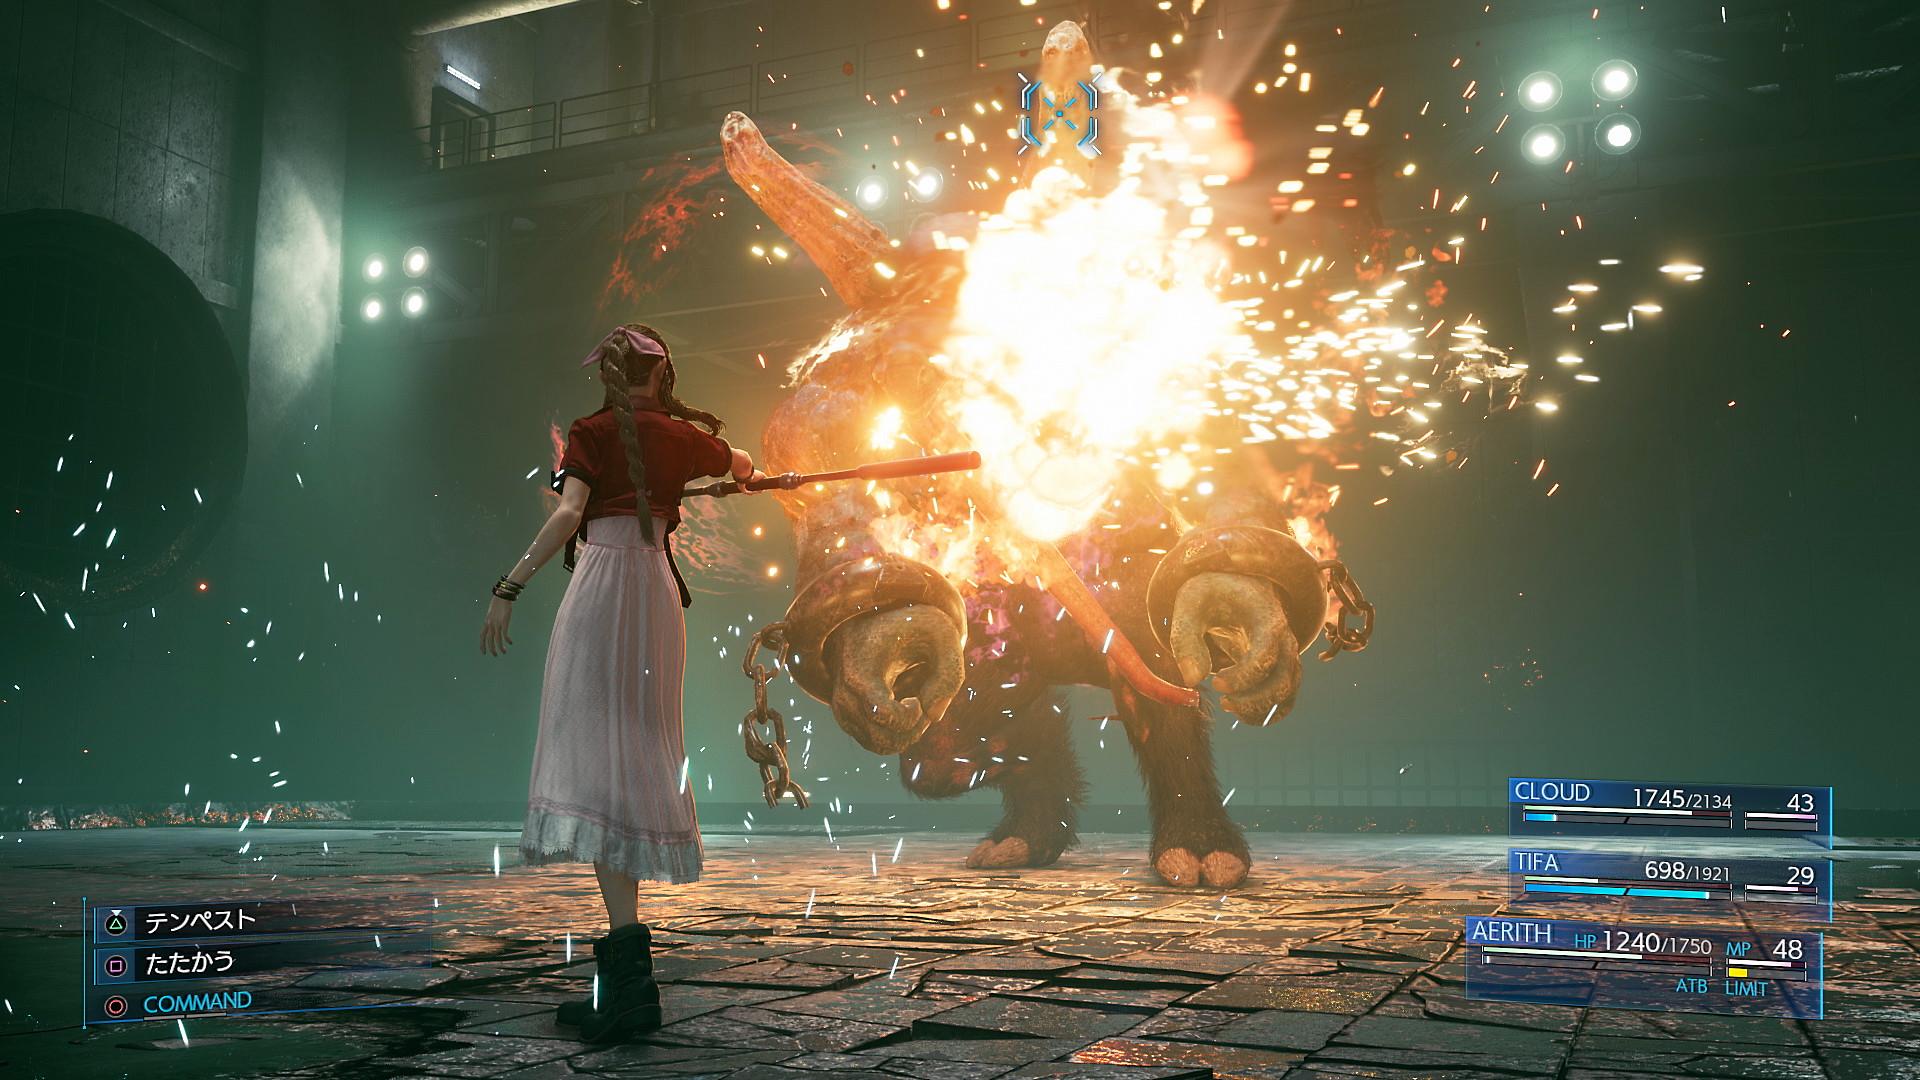 Final Fantasy Vii Remake Pack Playstation